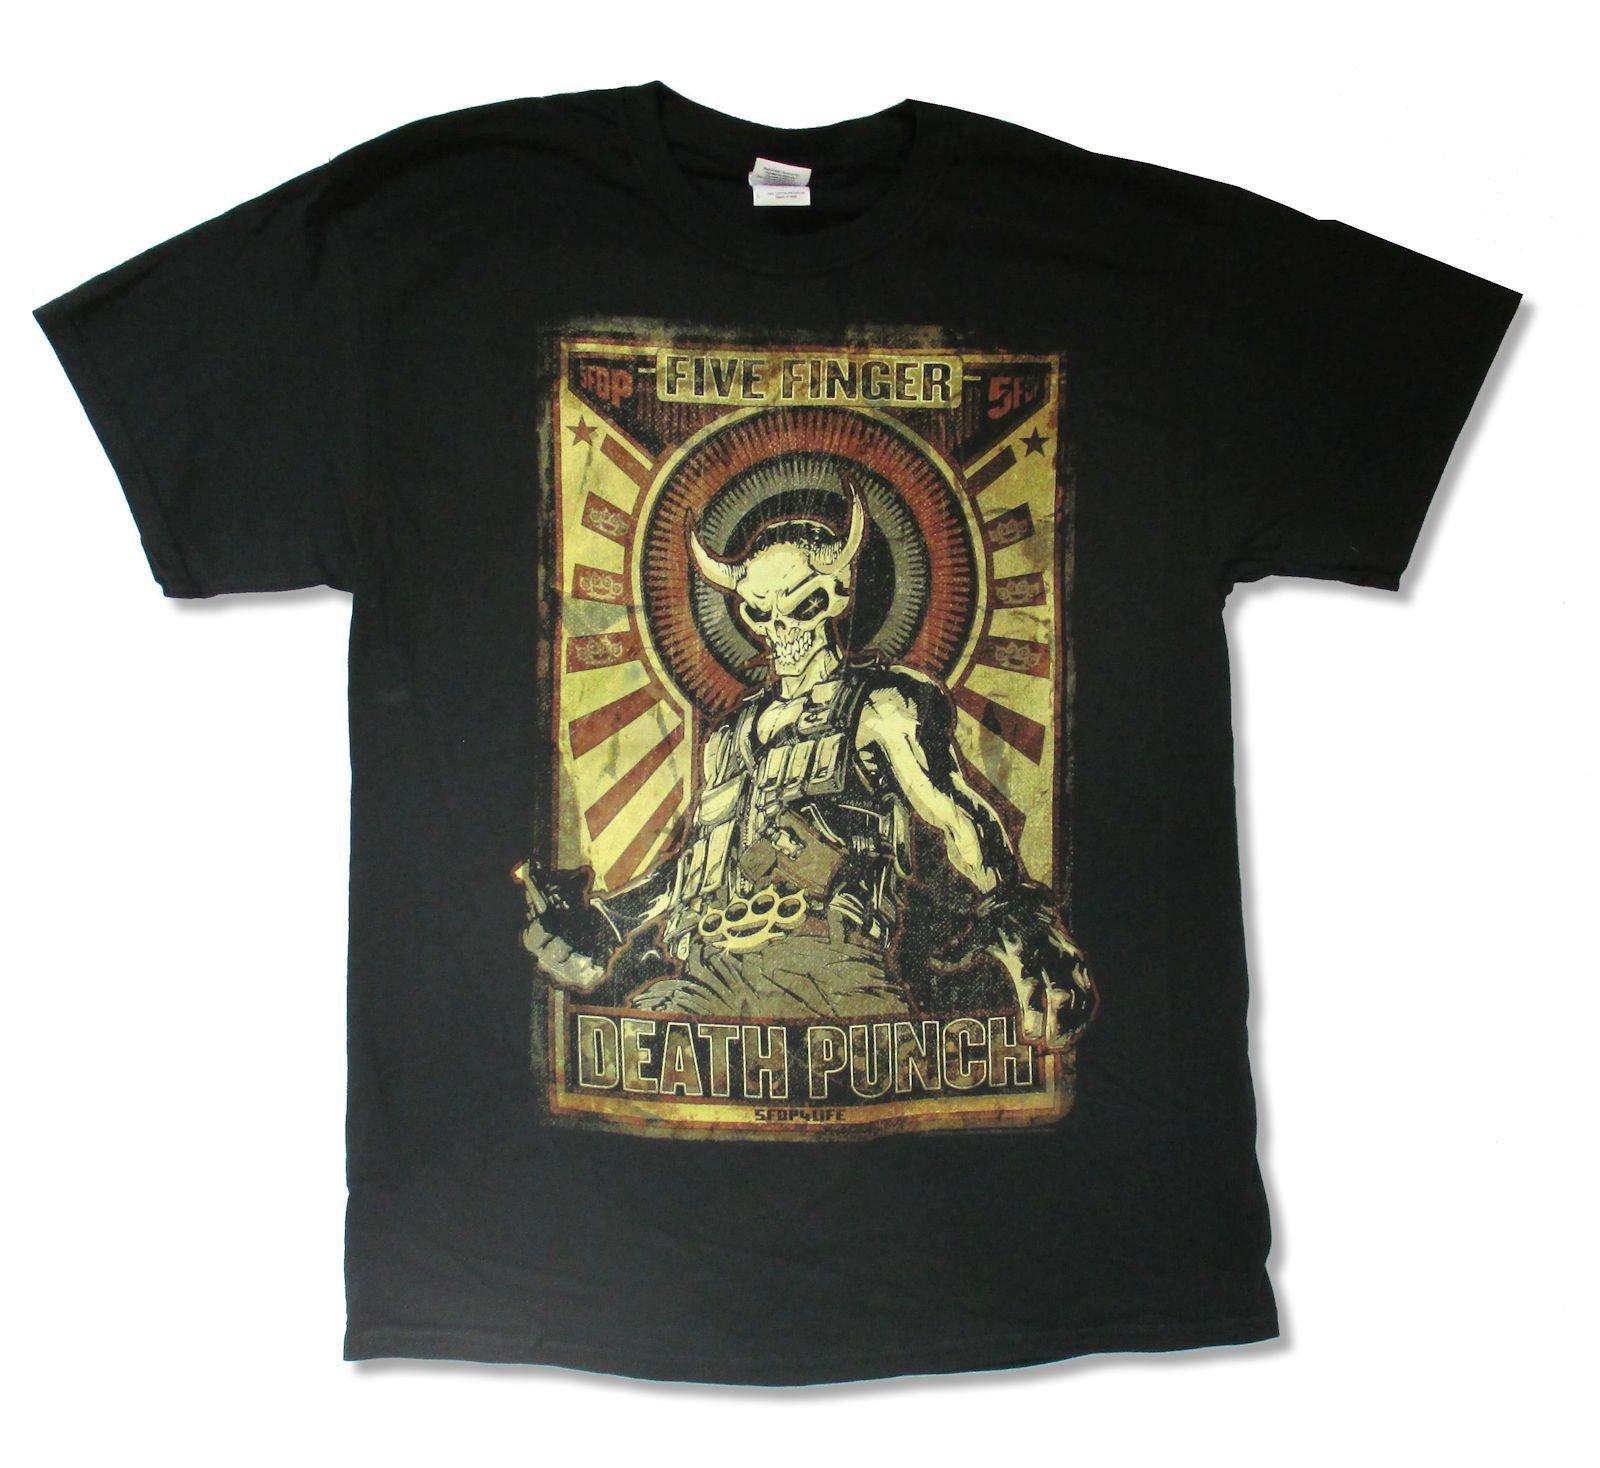 Adult Five Finger Death Punch Mercenary Tour 14 Black T Shirt